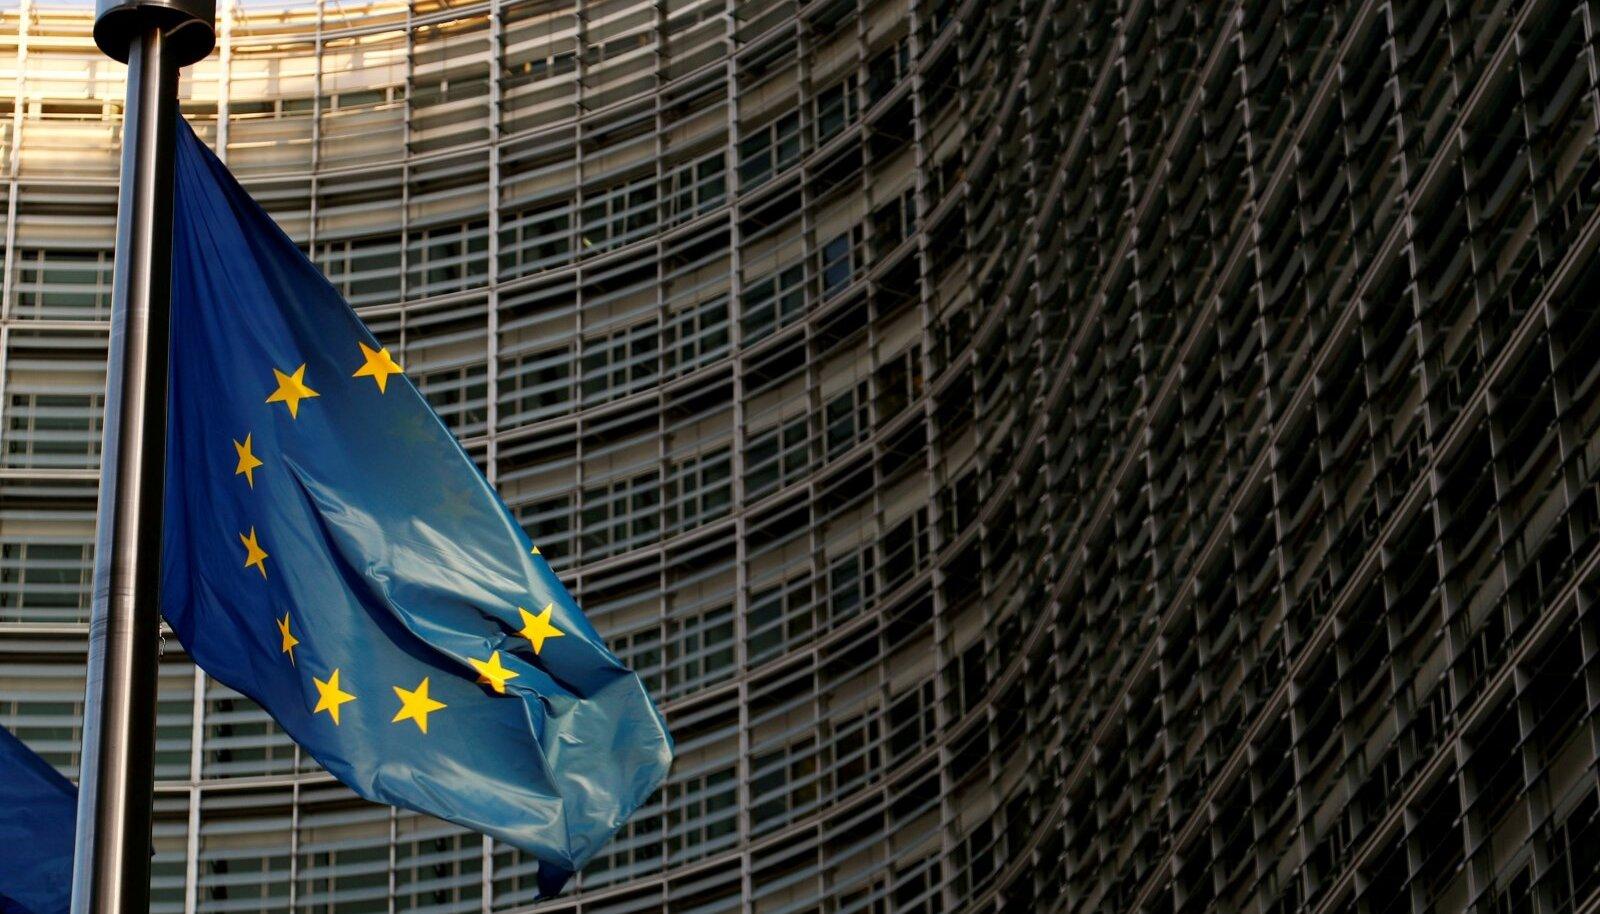 Praegu on hea võimalus muuta EL-i fondide kasutamine vähem bürokraatlikuks.